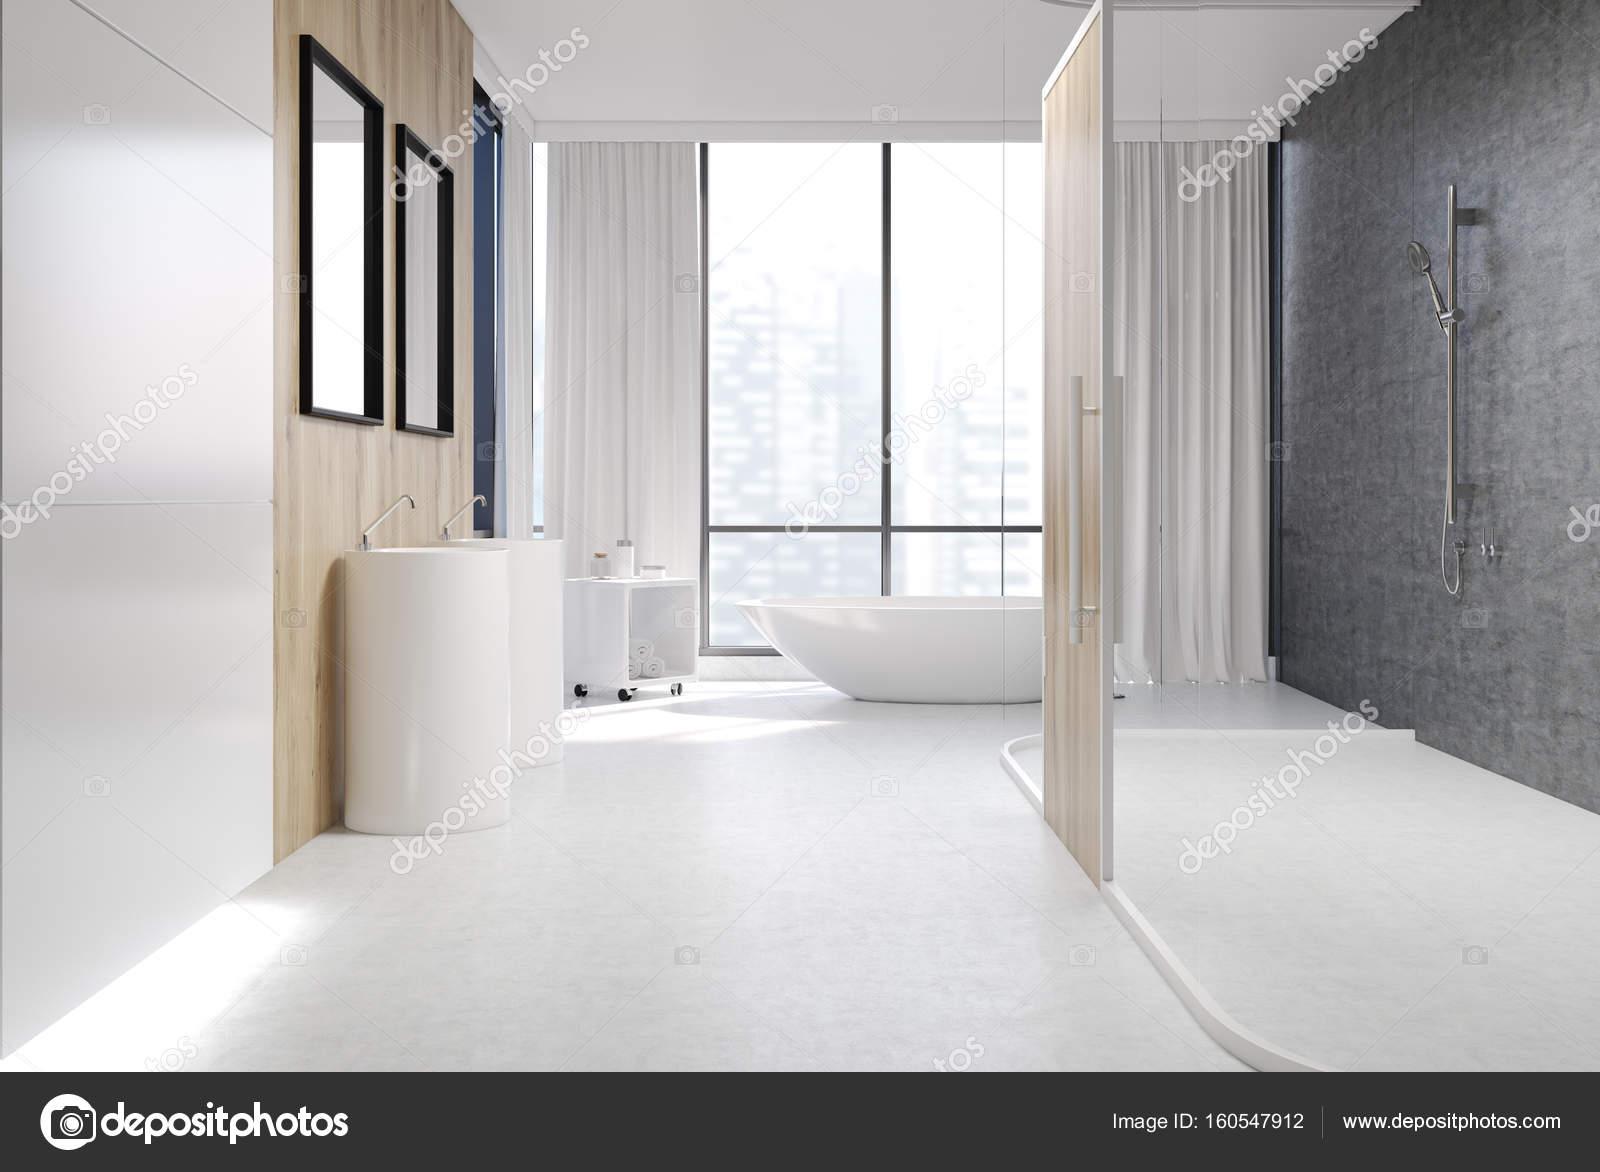 Blanco y madera cuarto de baño, ducha — Foto de stock ...